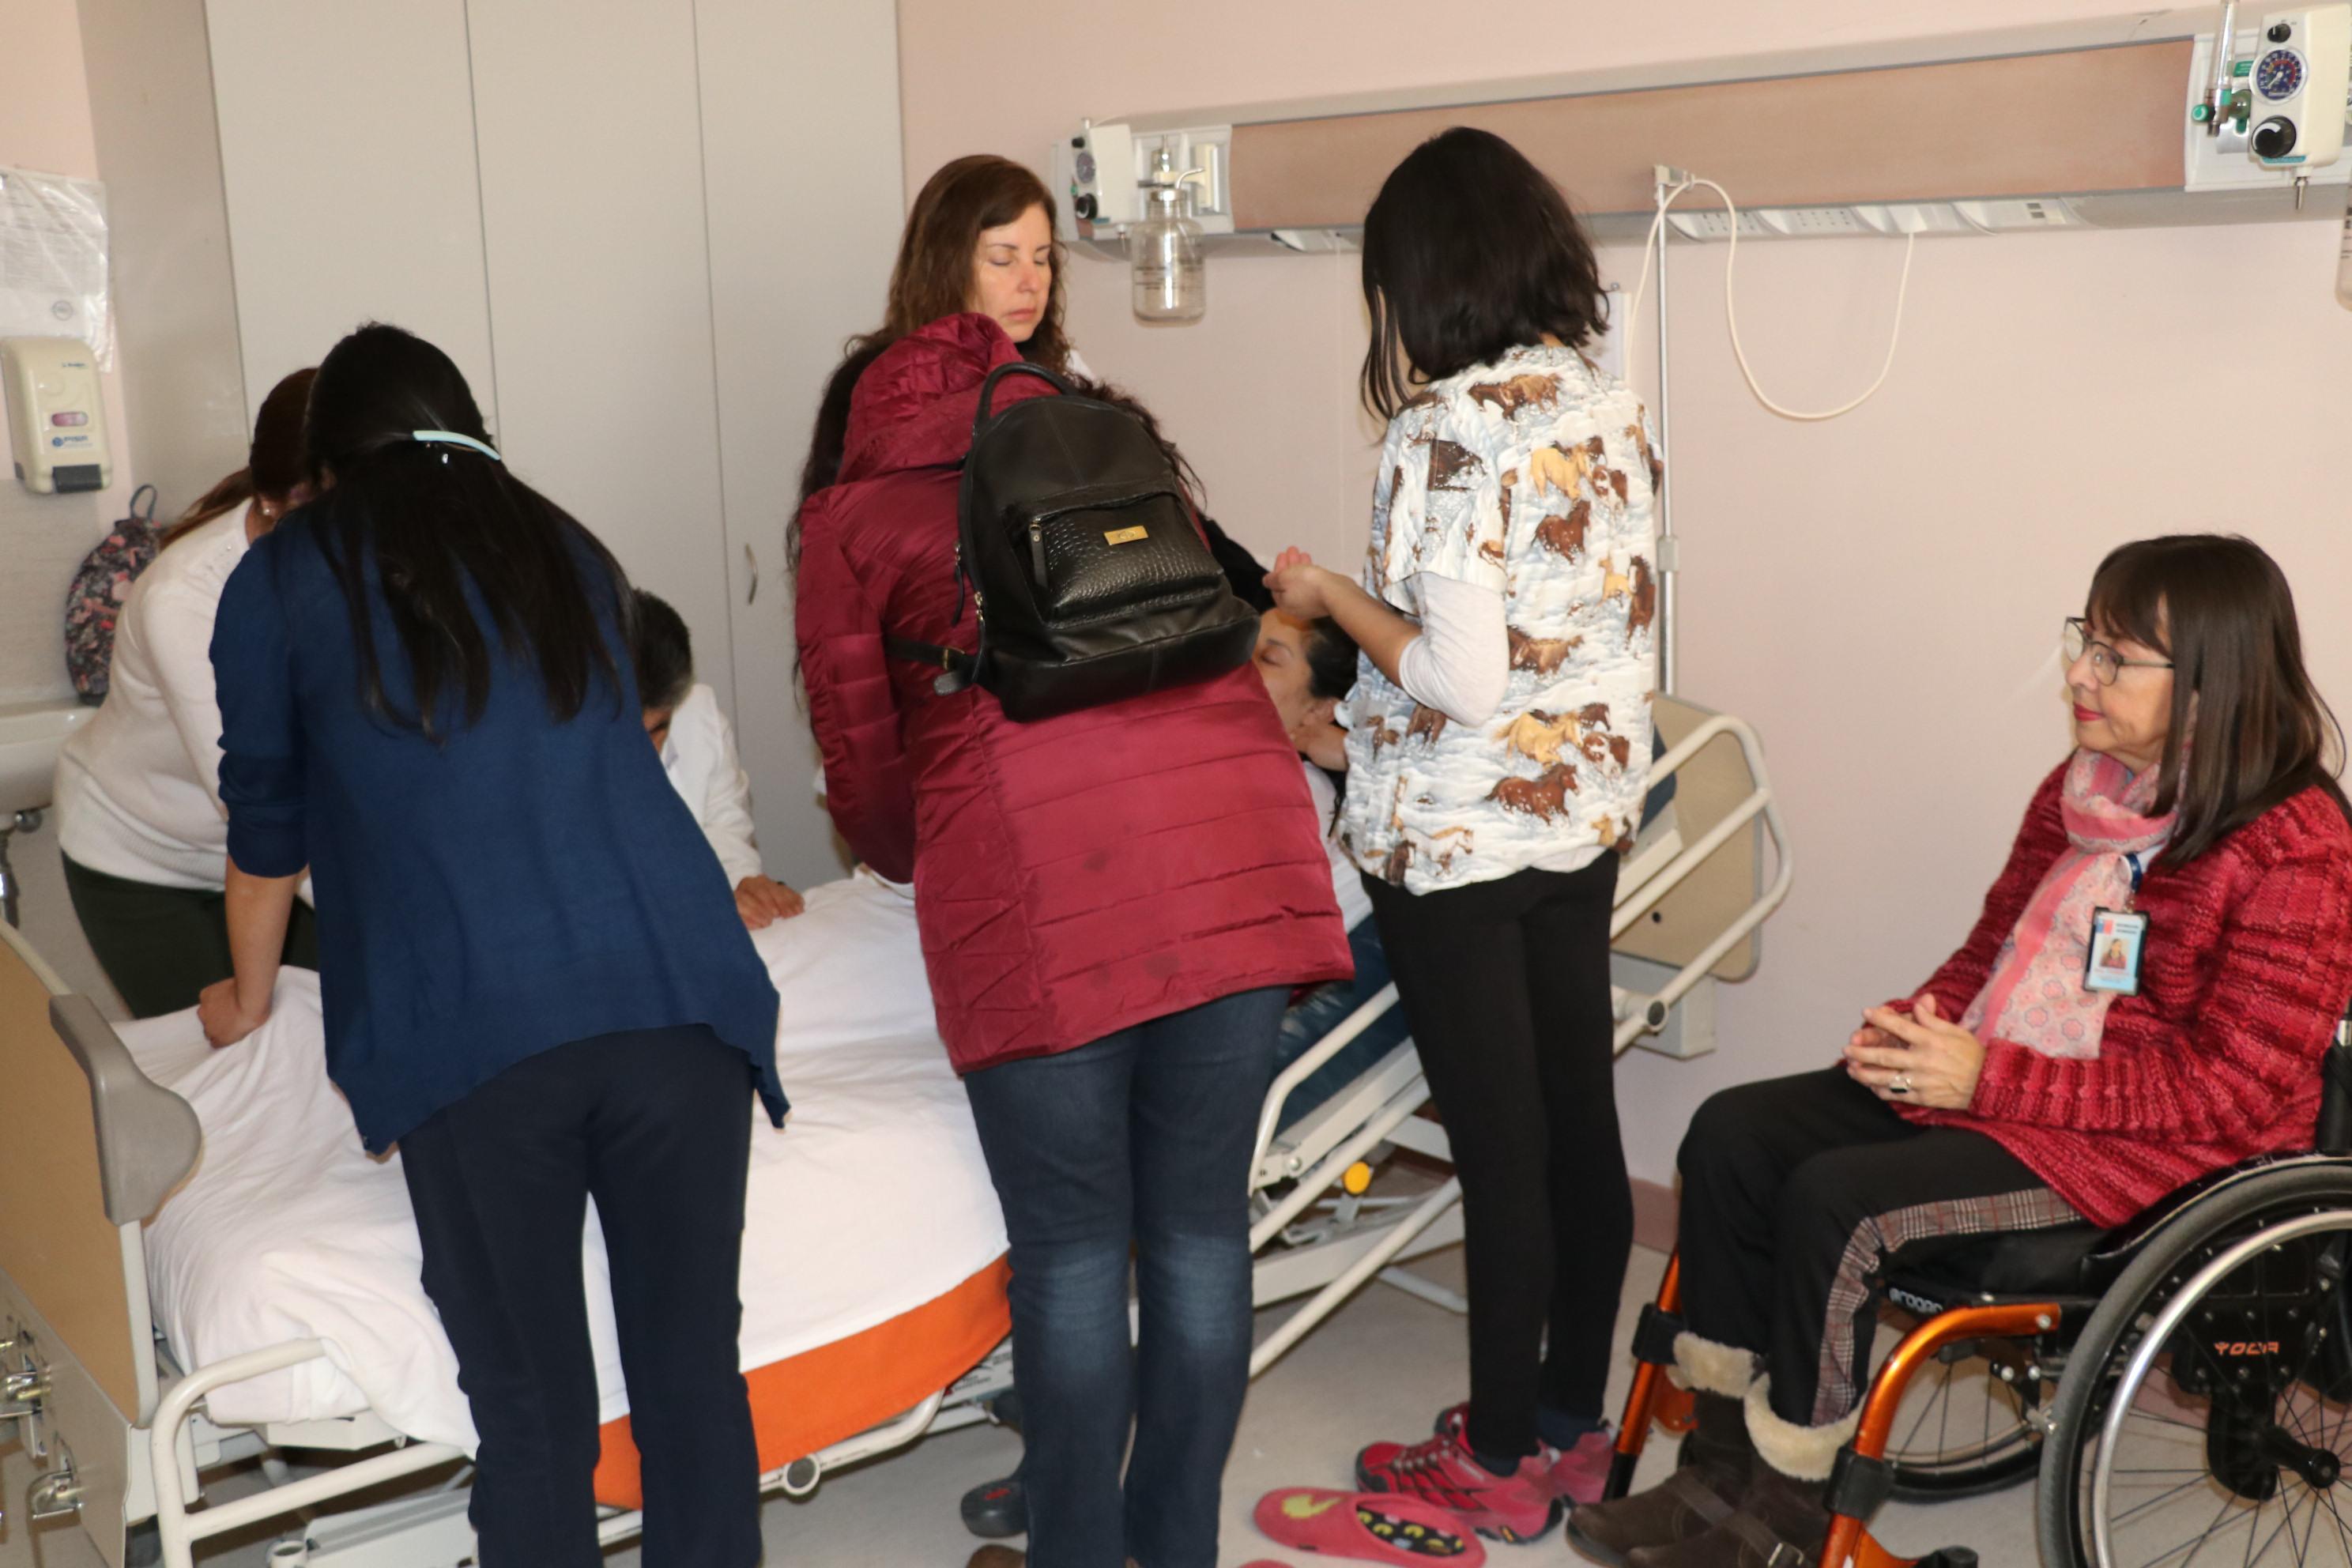 HPH ofrece reiki a pacientes hospitalizados como complemento a atención de salud